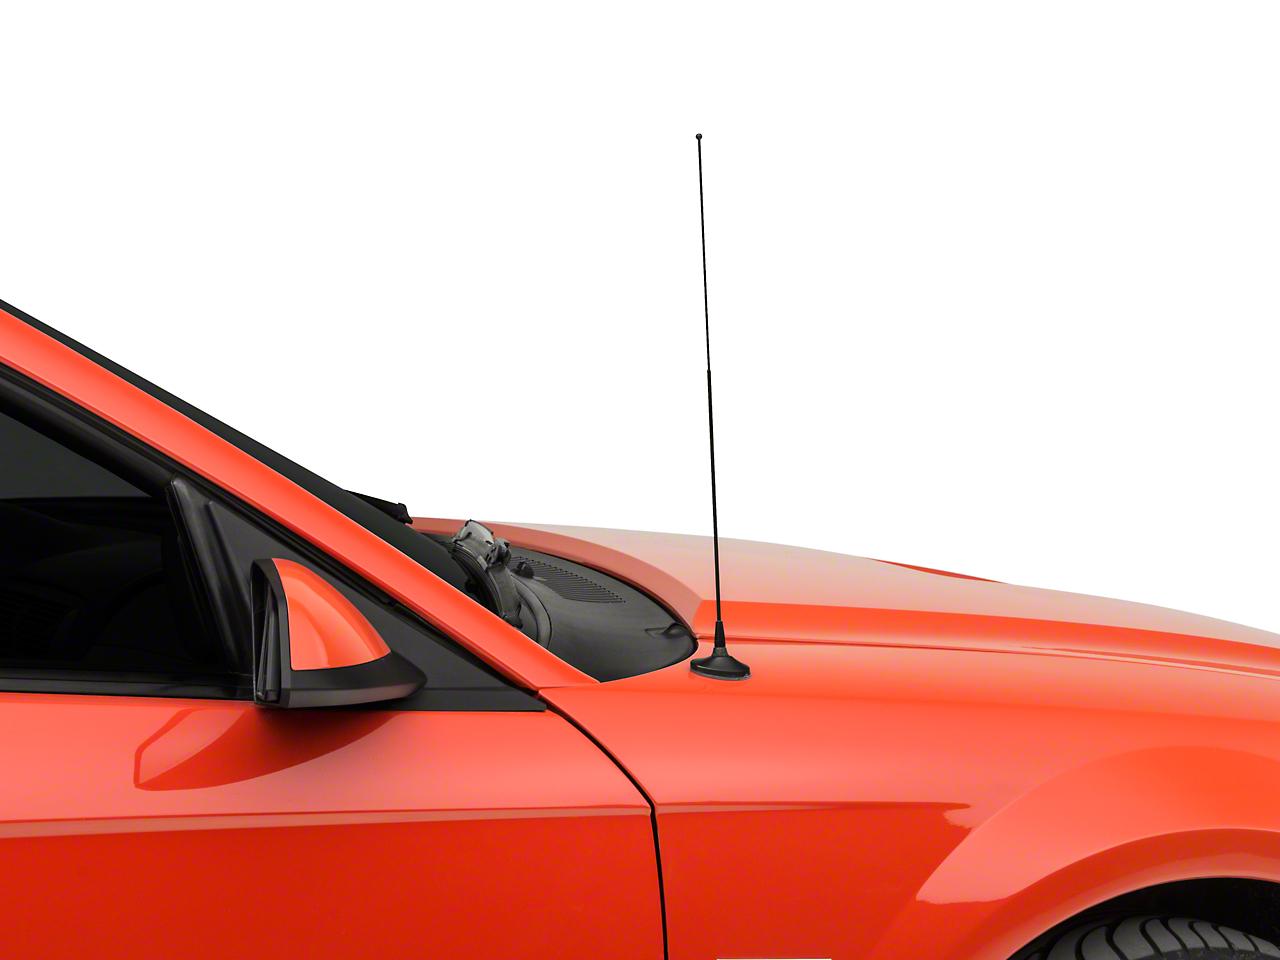 SpeedForm Adjustable Length Shorty Antenna - Black (79-09 All)